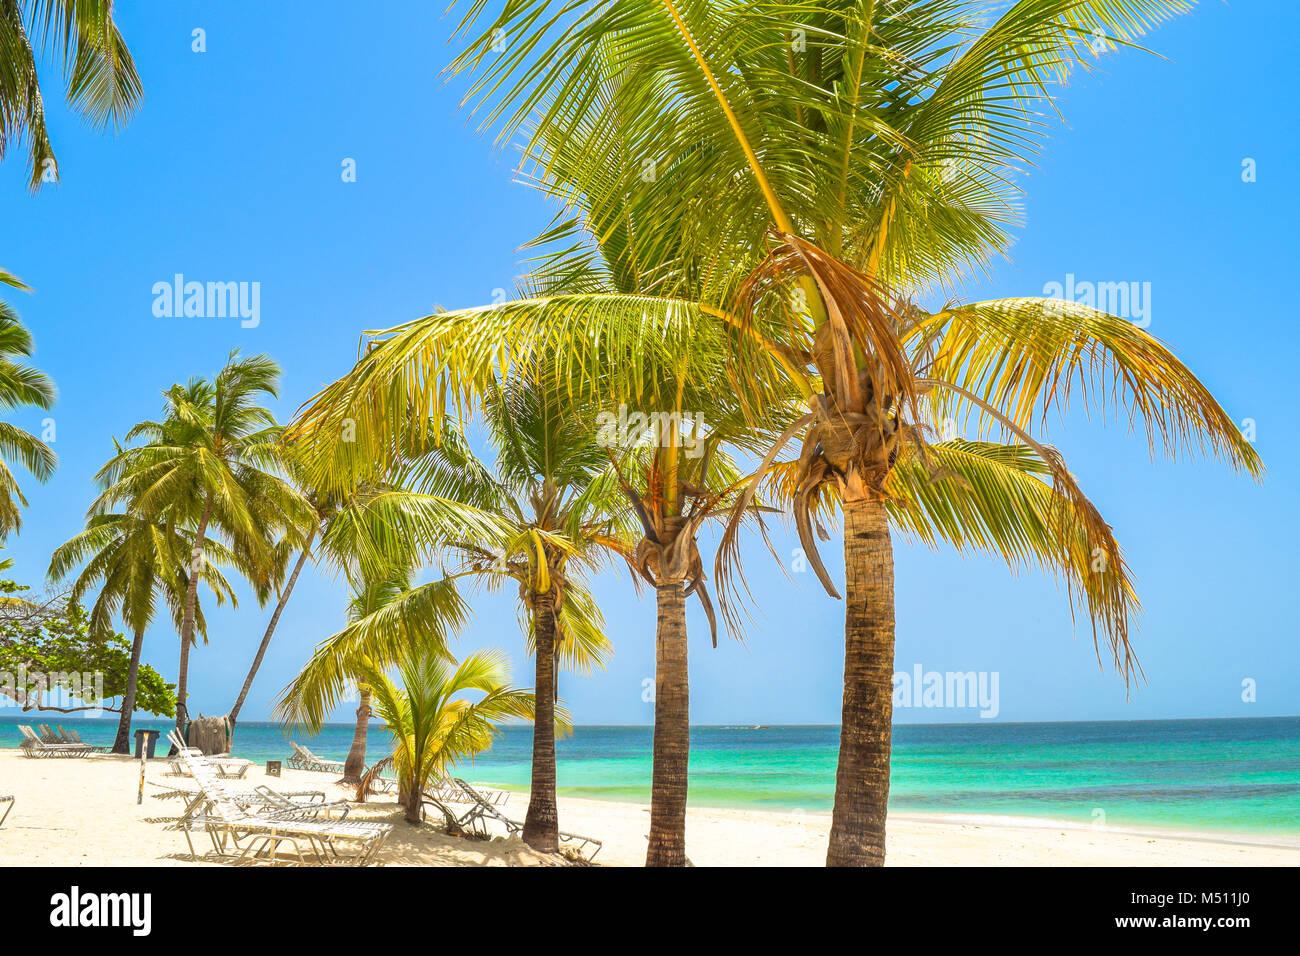 Hermosa playa con palmeras, reposeras, cielo azul y el agua color turquesa, República Dominicana, Samana, pequeña Imagen De Stock